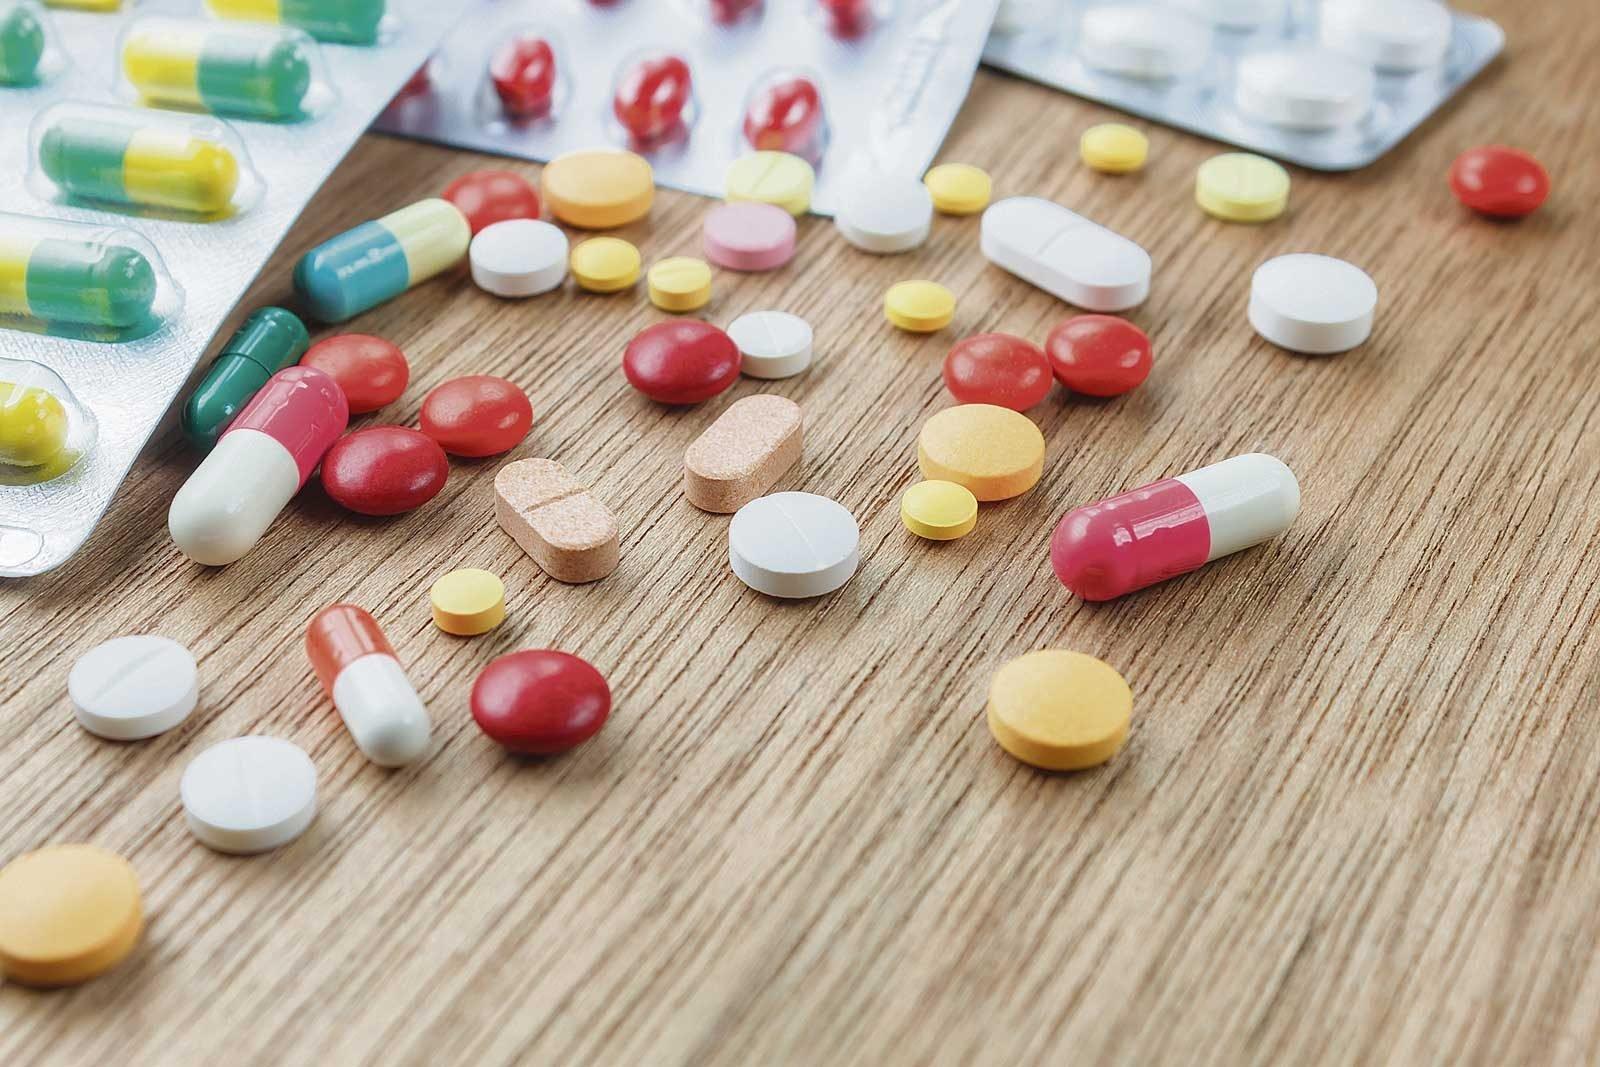 numele medicamentului pentru durerile articulare